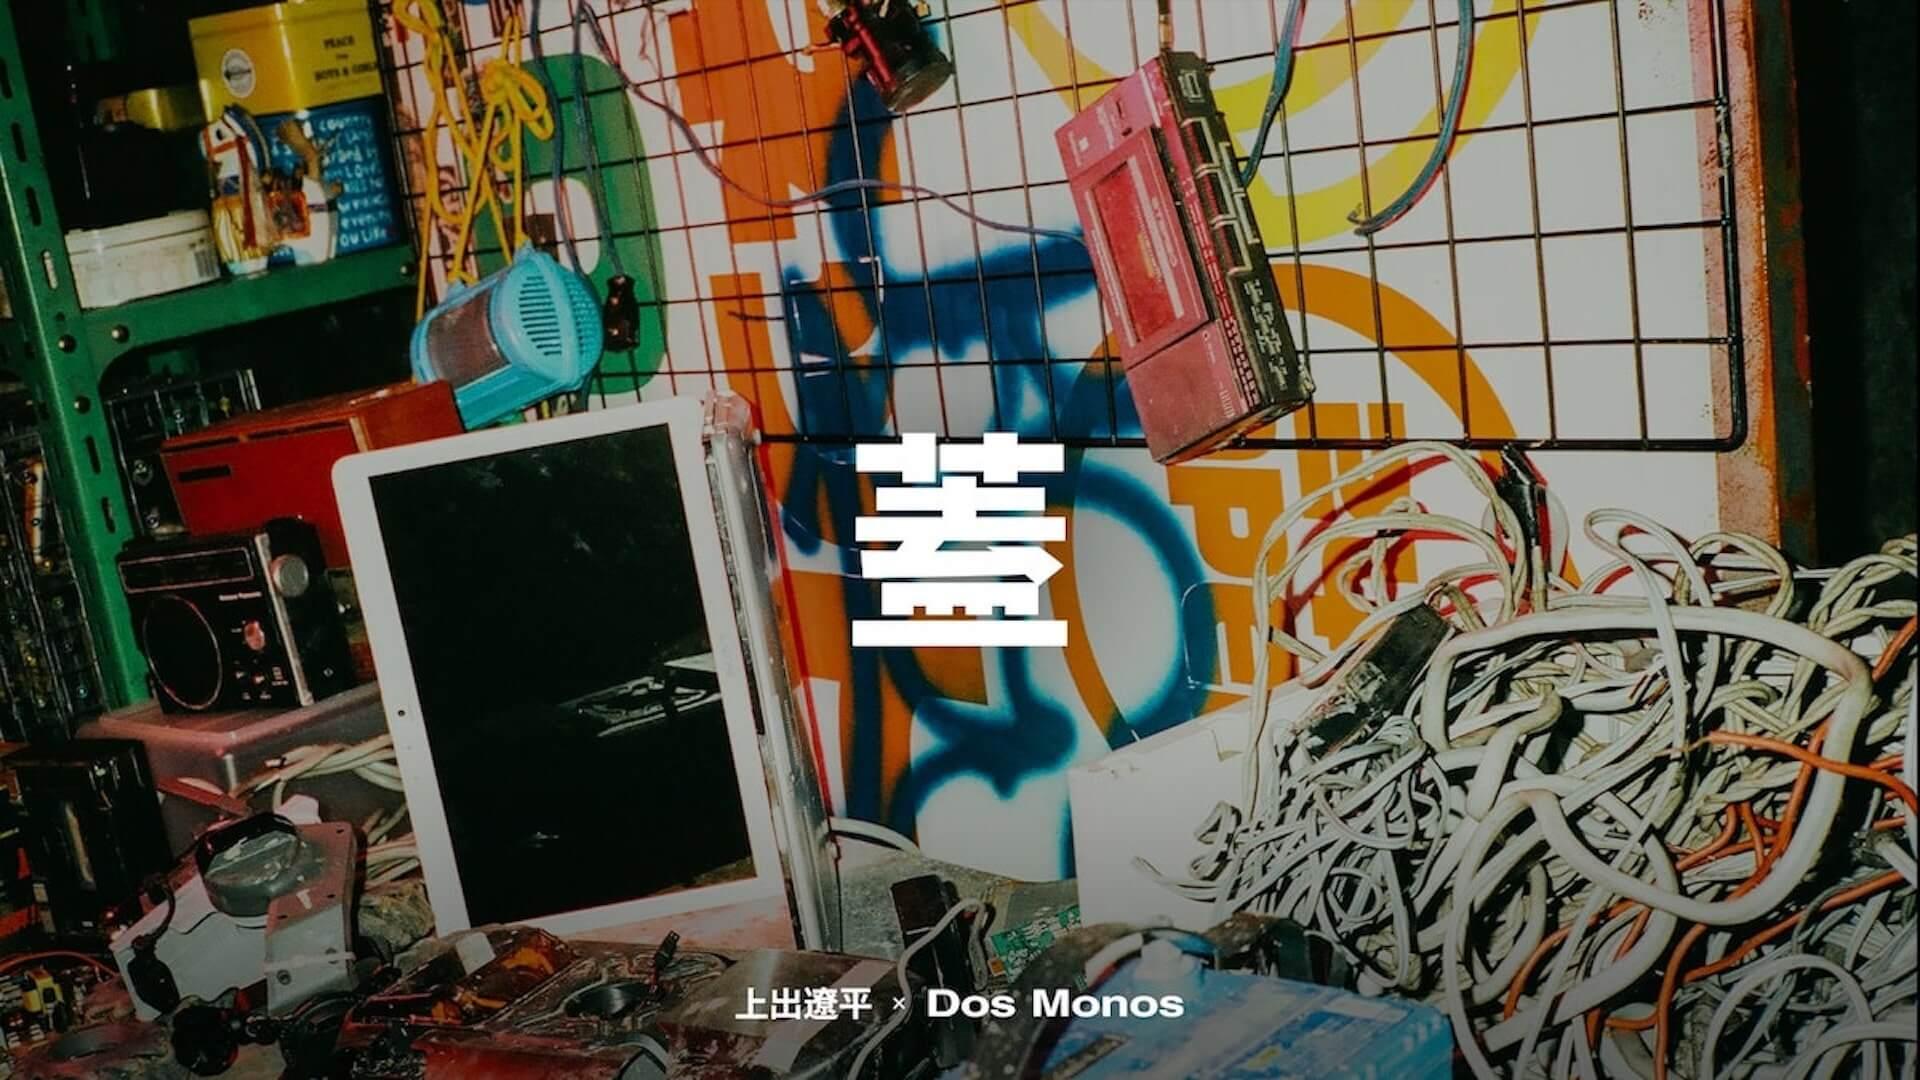 Dos Monosの自主企画<Theater D>がLIVEWIREにて生配信 ライブにOMSB&Hi'Spec、崎山蒼志ら豪華ゲストミュージシャンも music0906-dos-monos-1